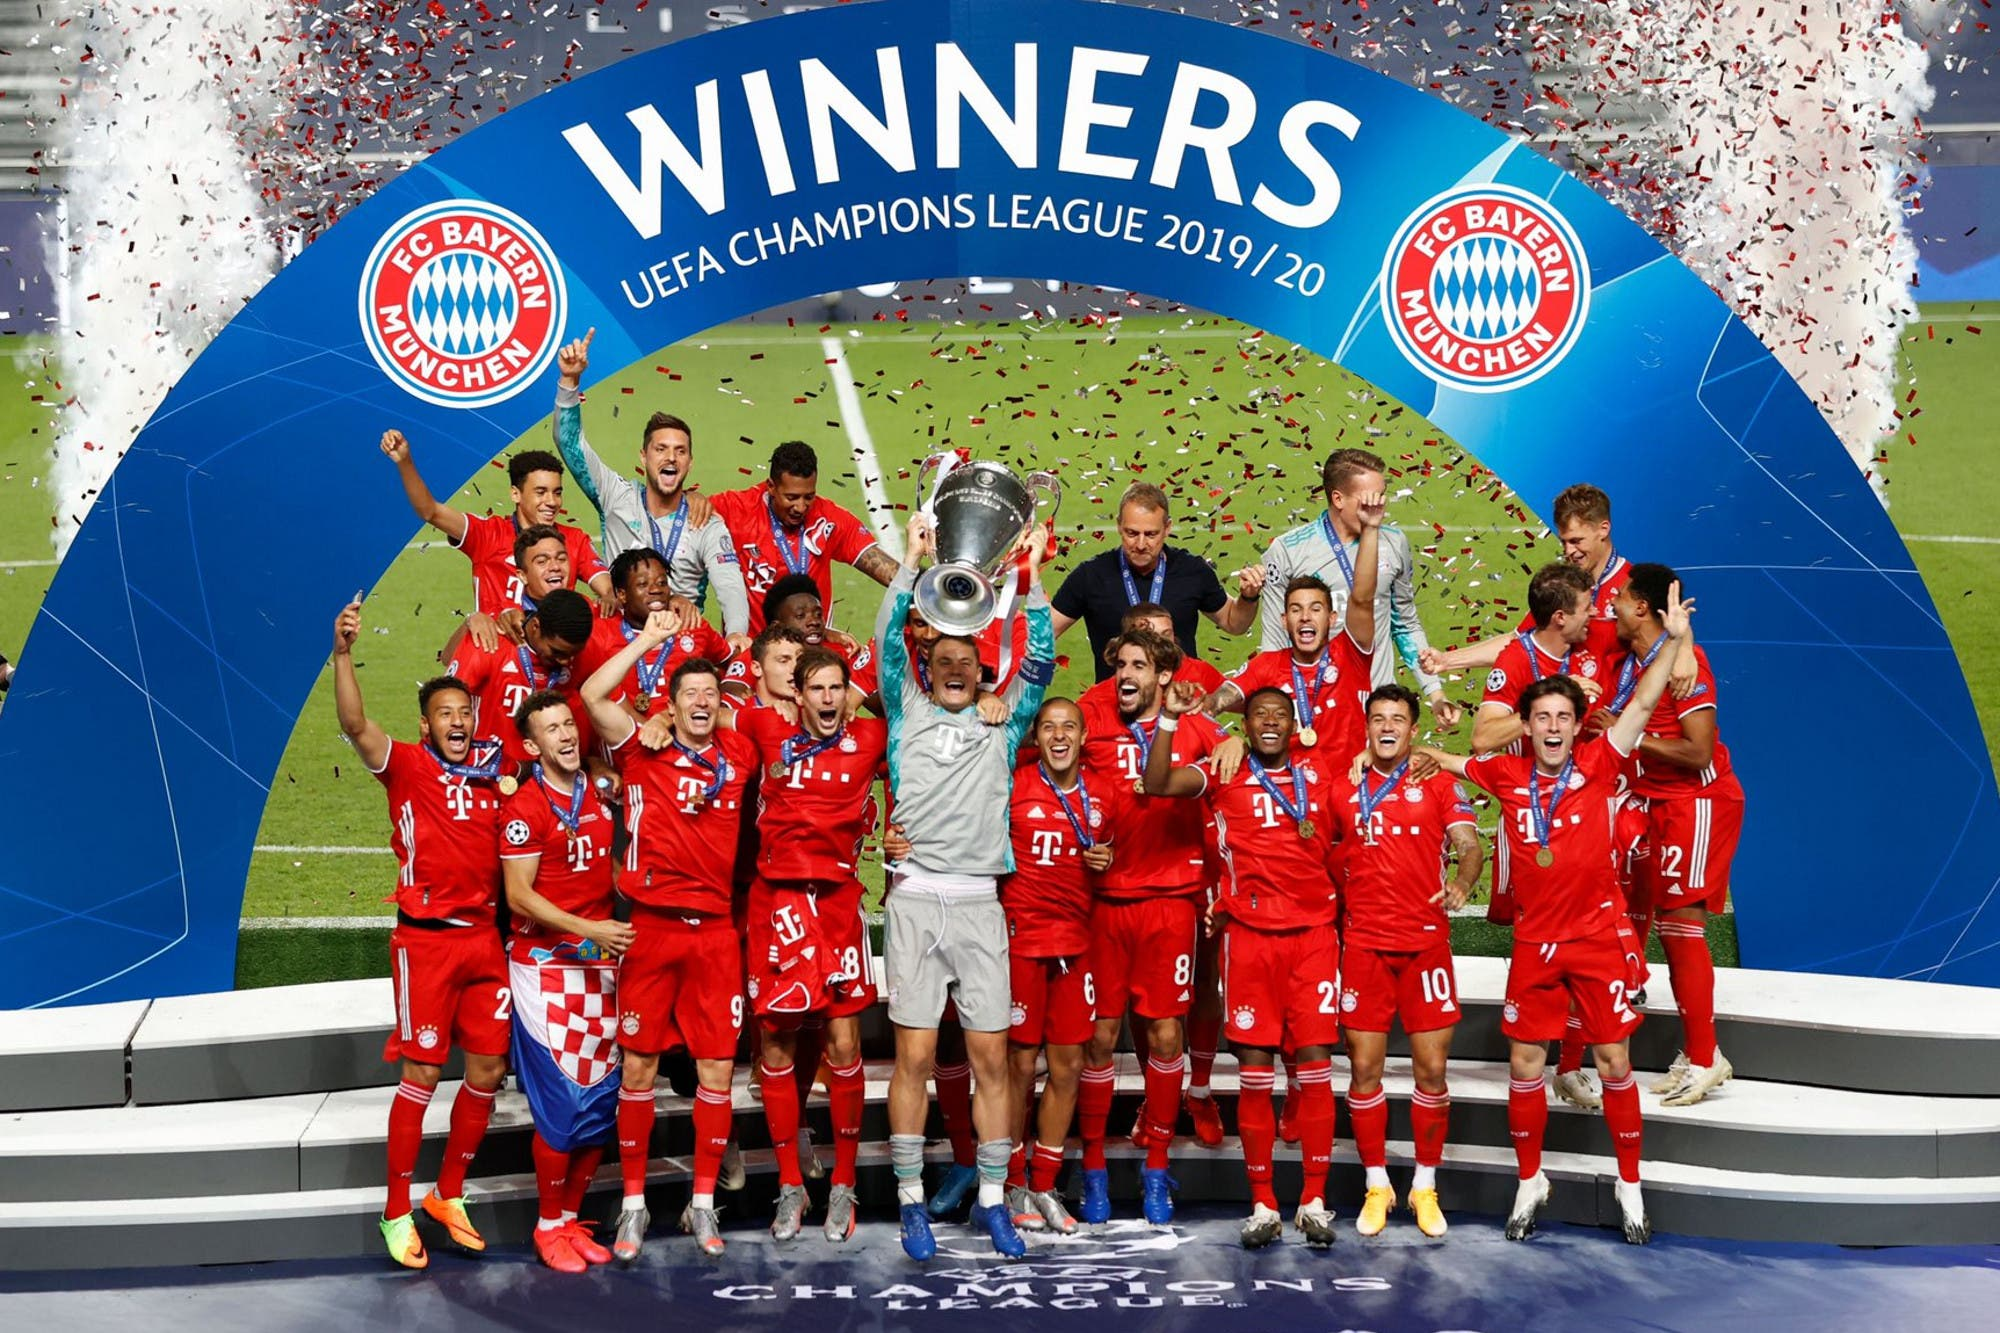 ¿Cómo salió la final de la Champions League? Bayern Múnich le ganó 1-0 a PSG y es el nuevo campeón